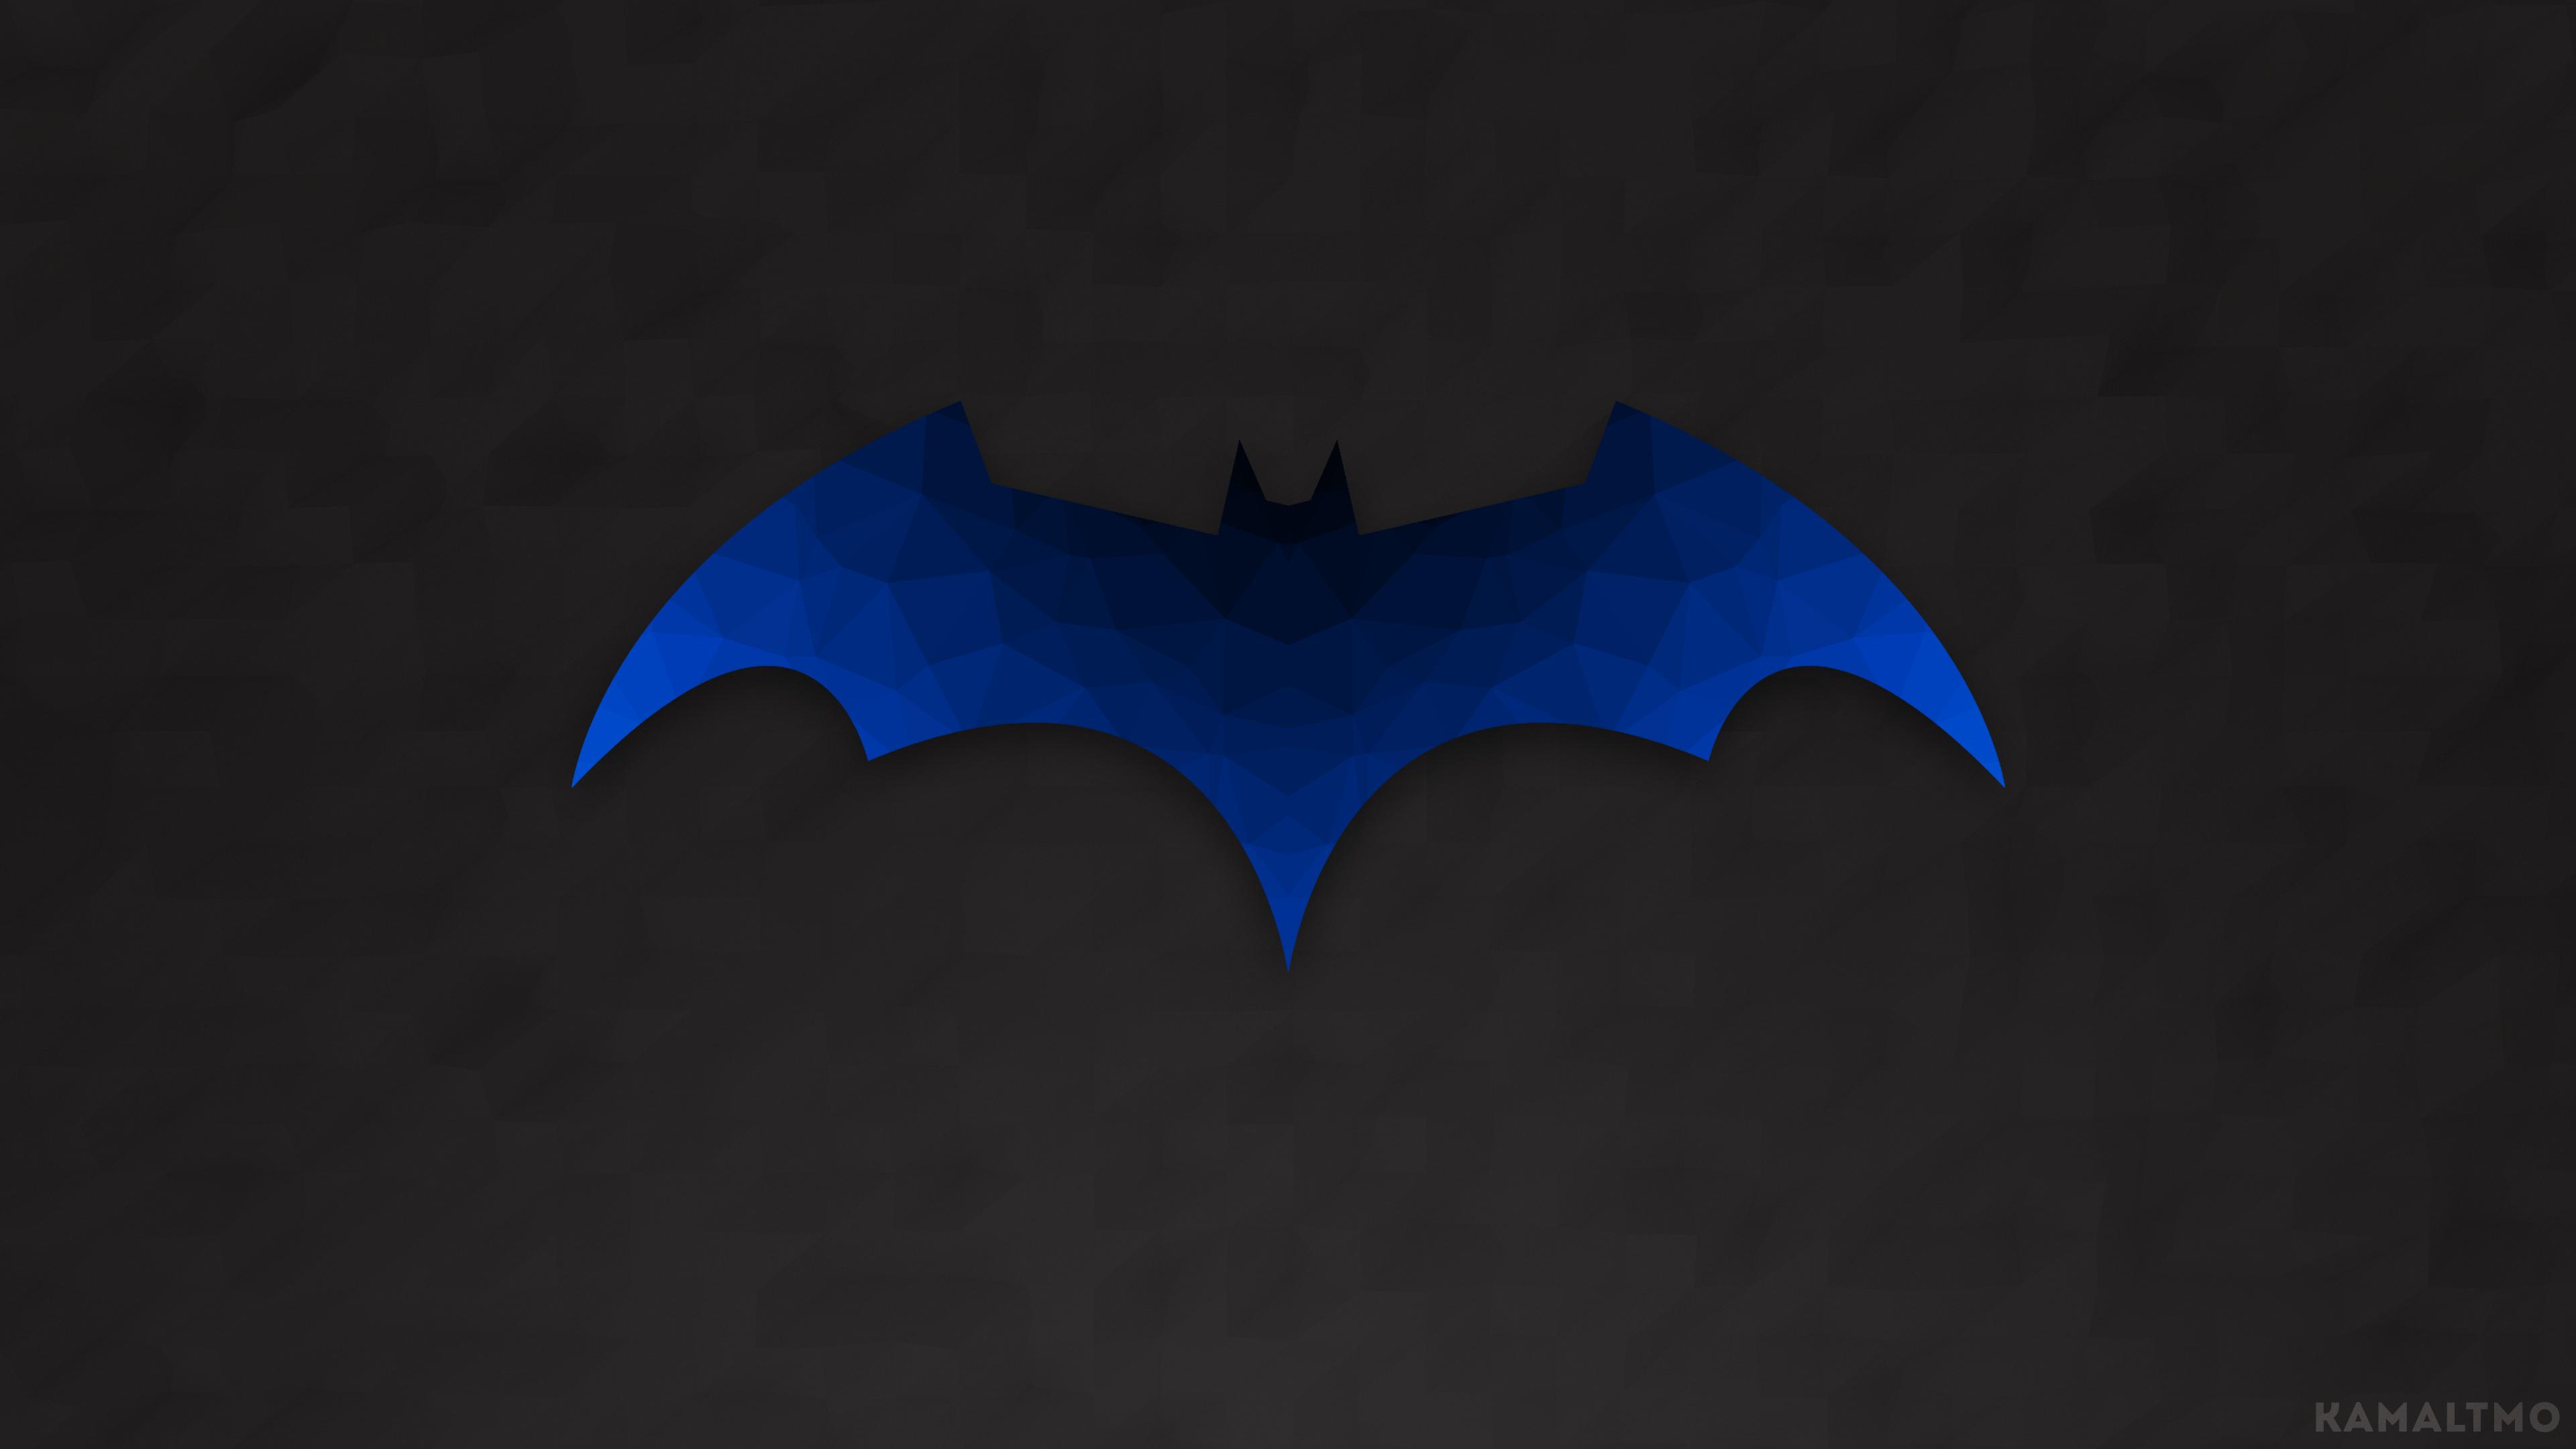 General 3840x2160 Batman Batman logo logo poly polygon art low poly vector